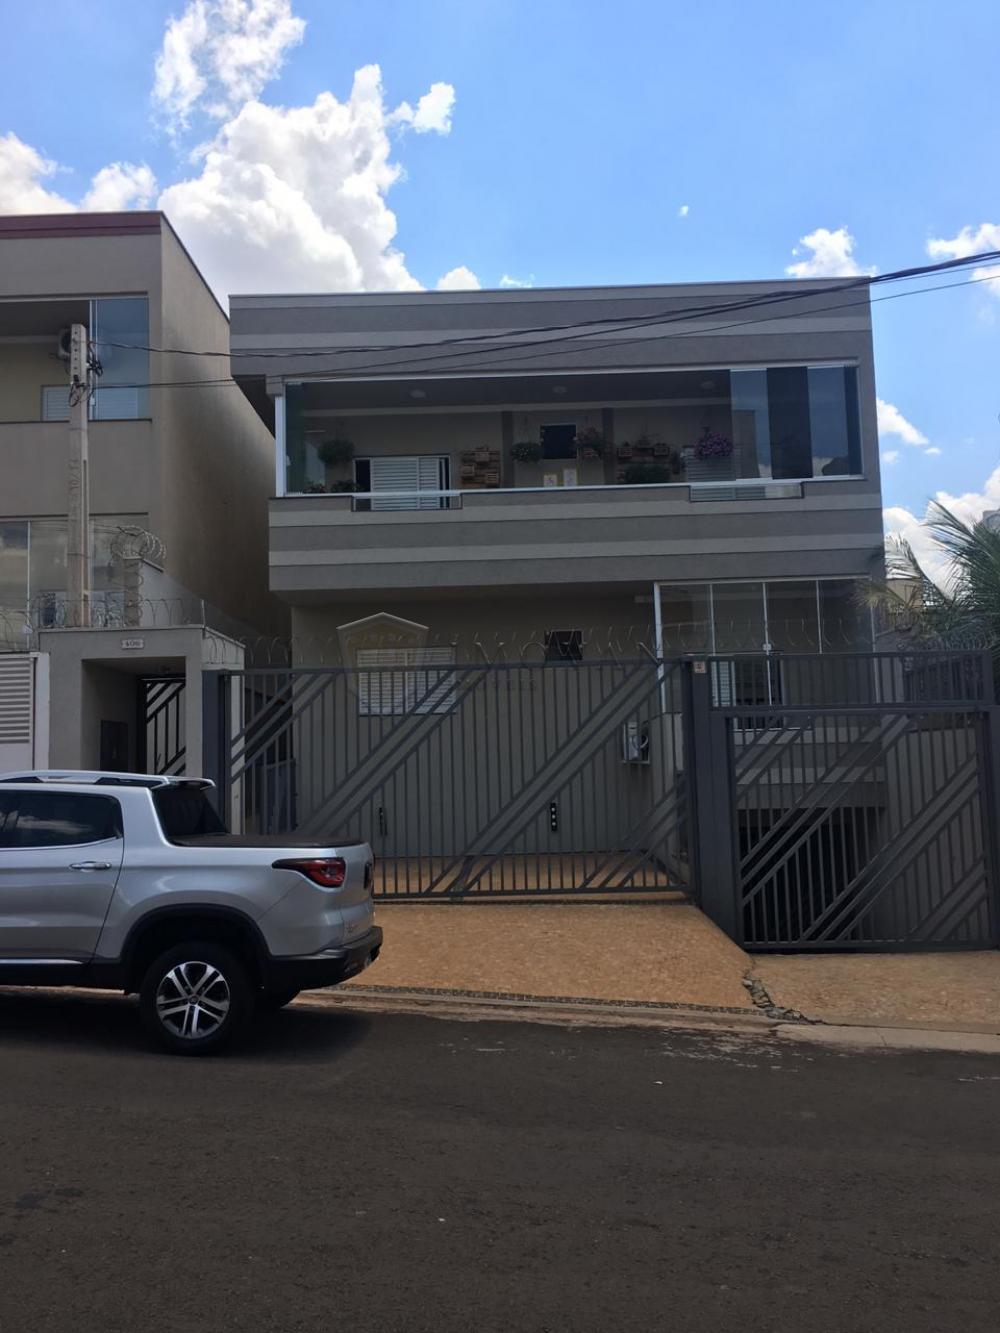 Ribeirao Preto Apartamento Venda R$310.000,00 Condominio R$130,00 2 Dormitorios 2 Suites Area construida 64.74m2